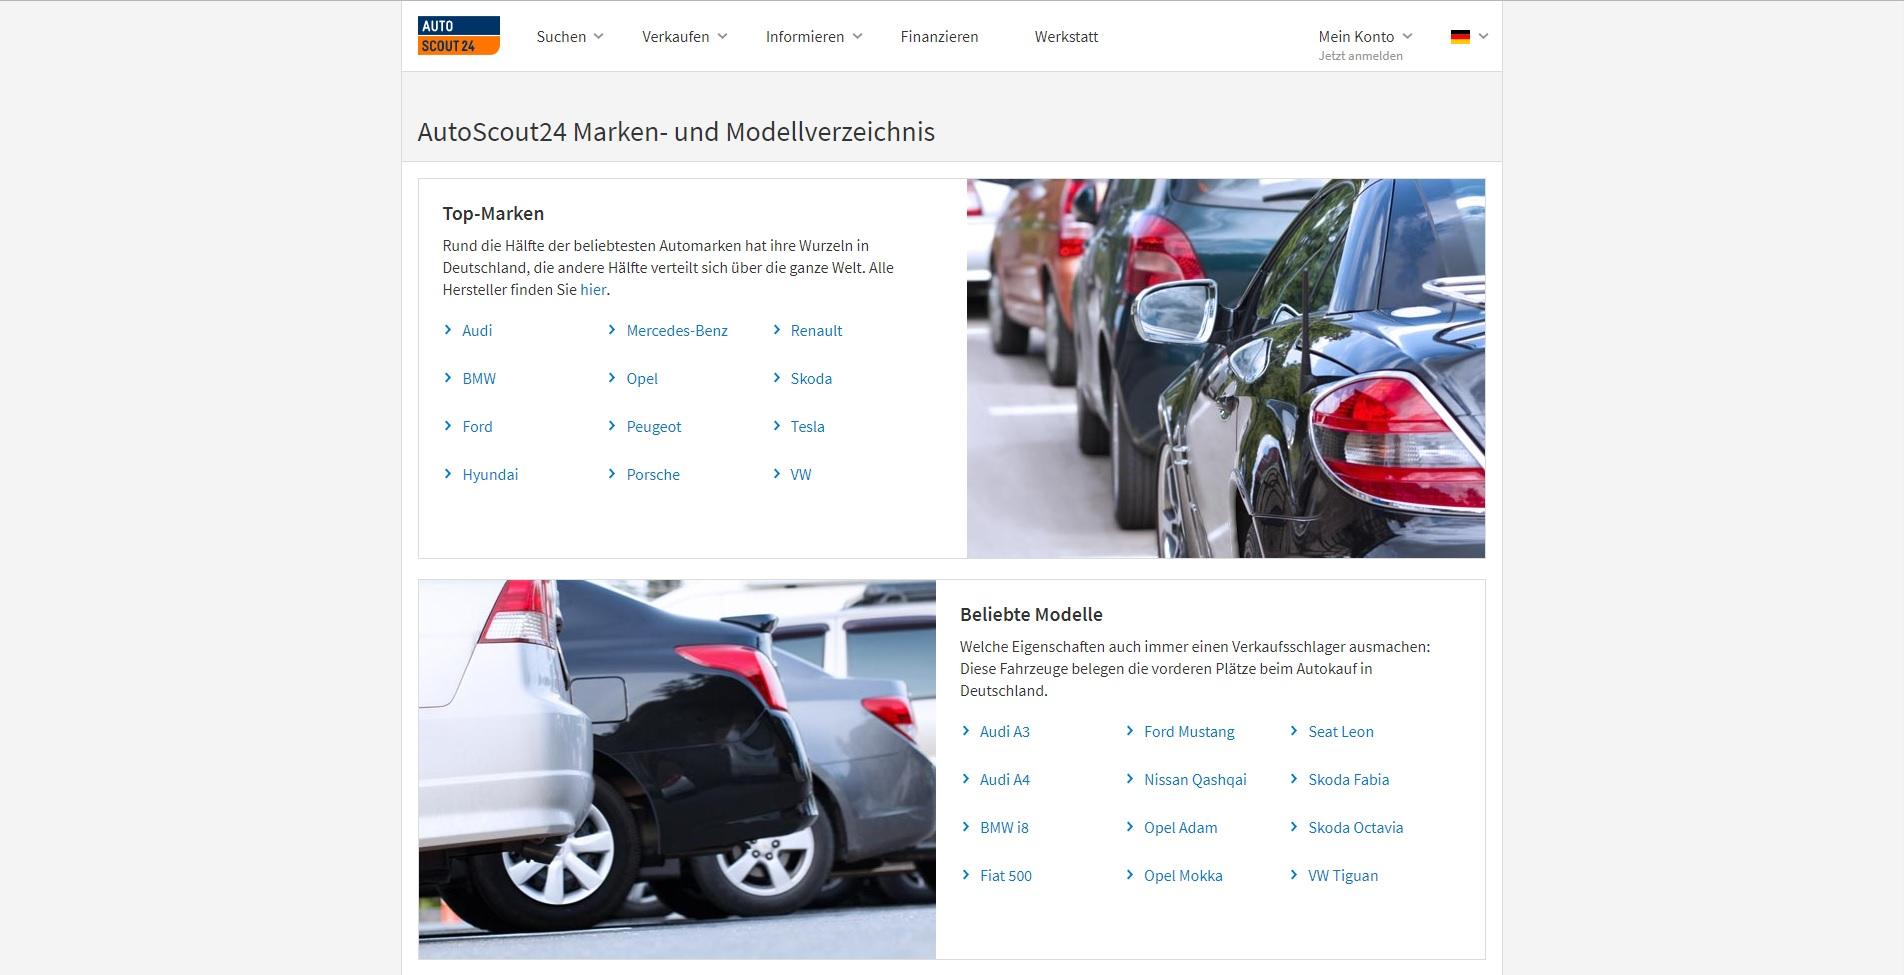 Mobile autoscout24 gleichzeitig durchsuchen